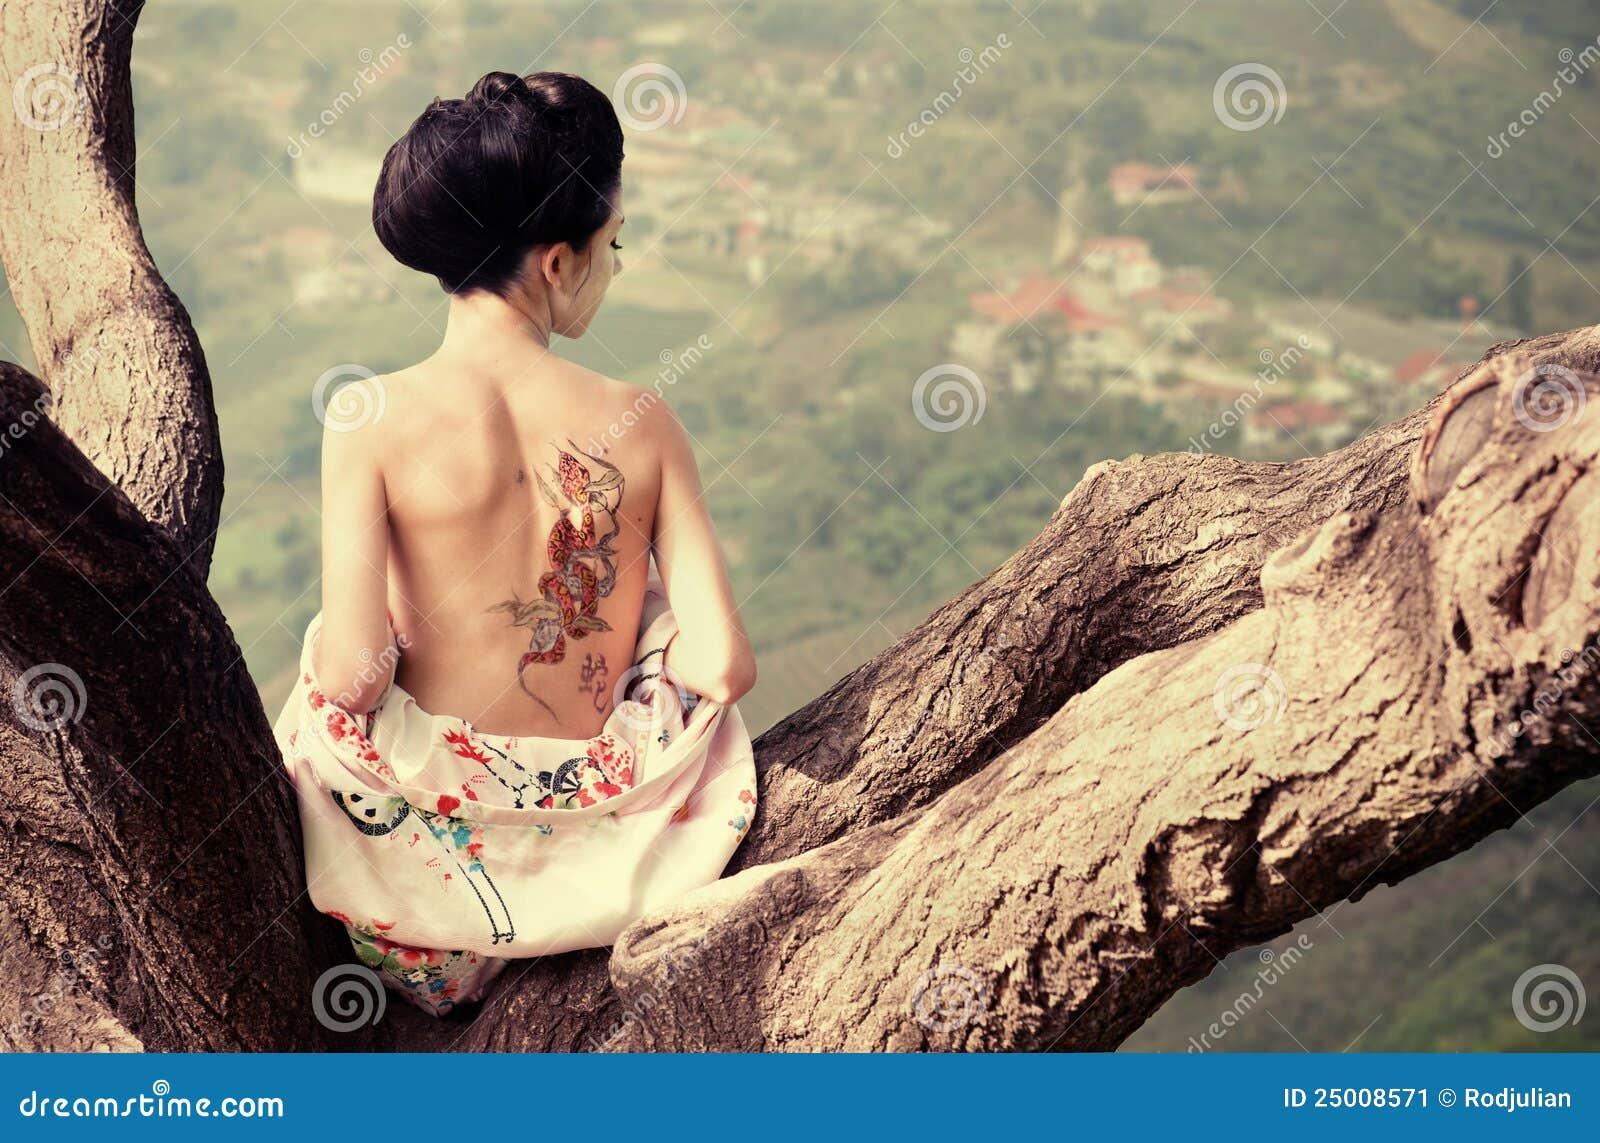 Vrouw met slang terug tatoegering op haar